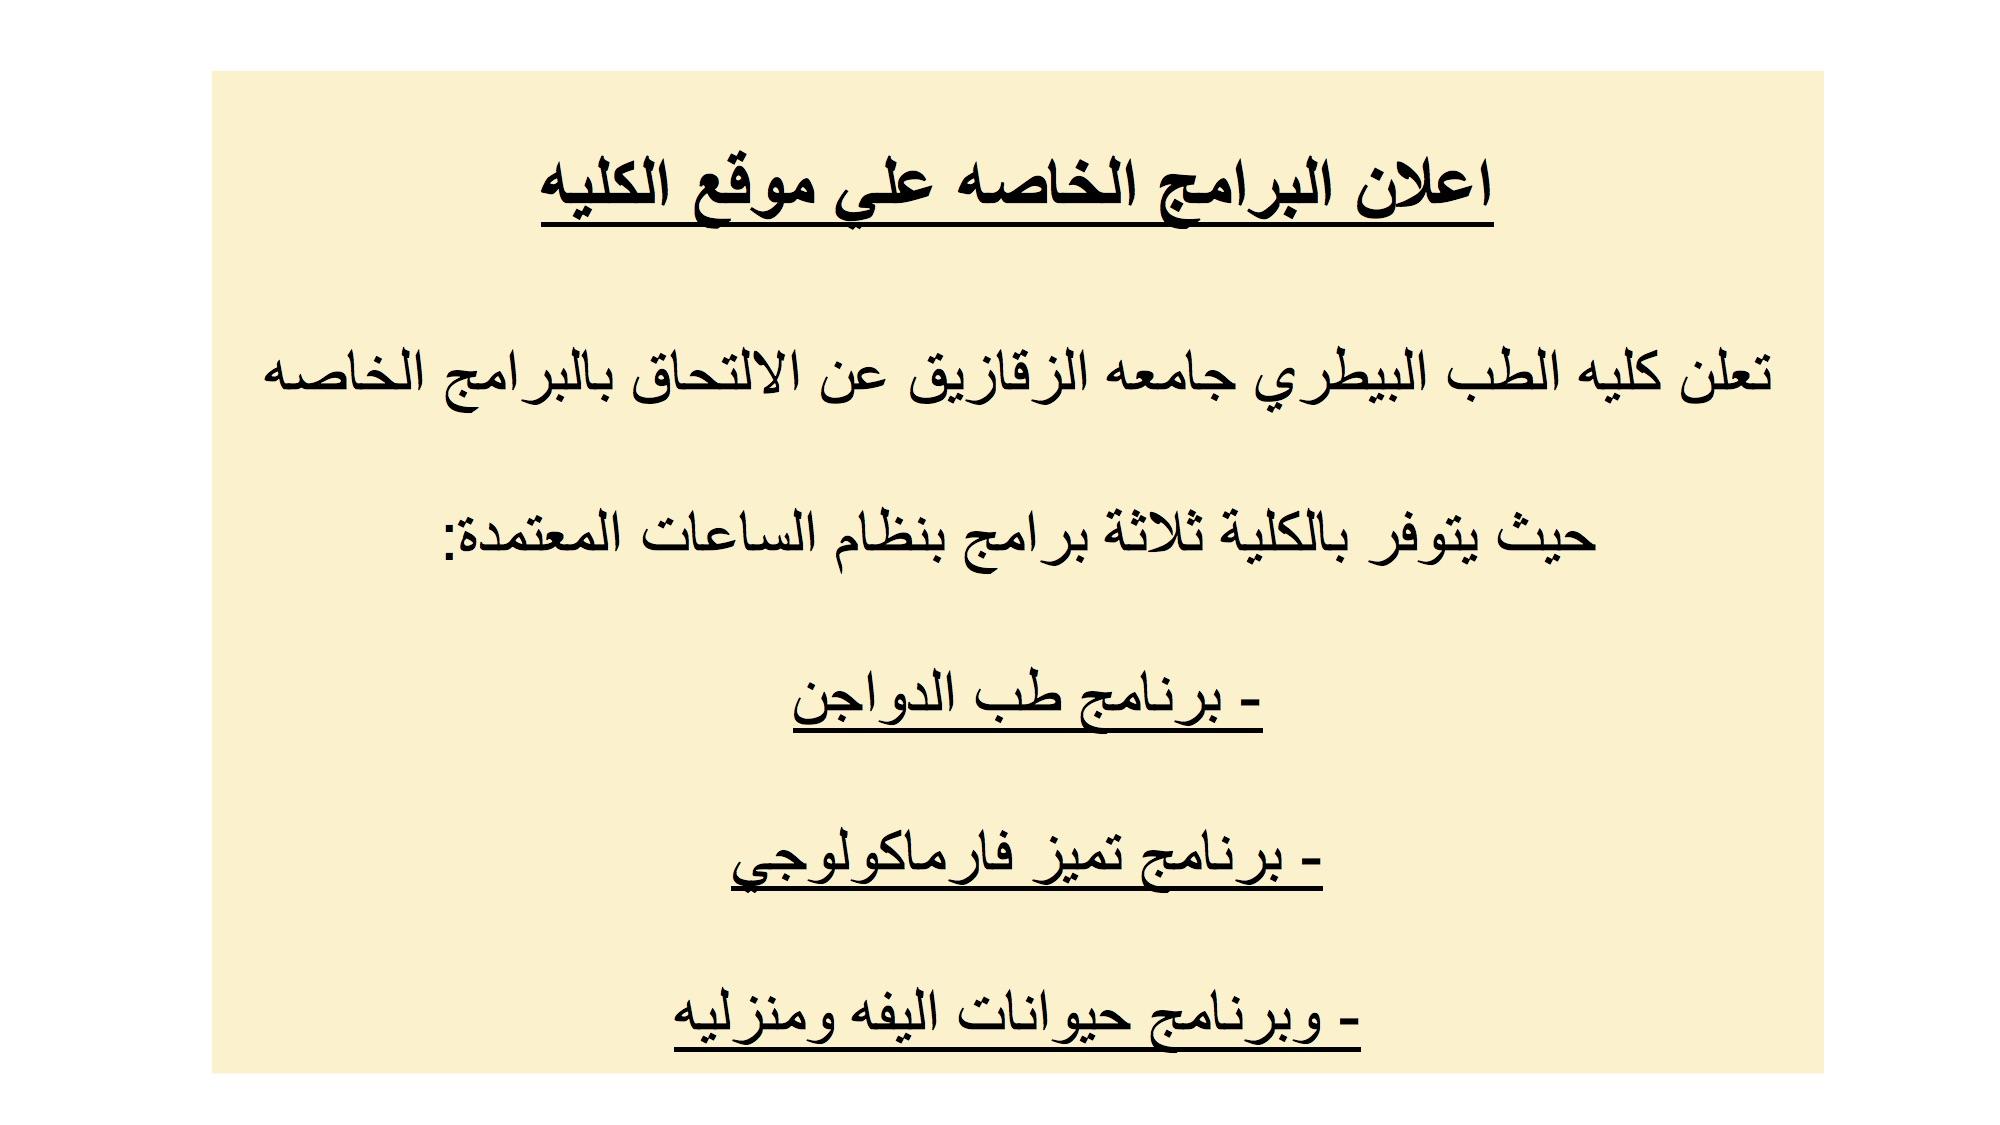 اعــــــــــــــــلان عن البرامج الخاصة بالكلية